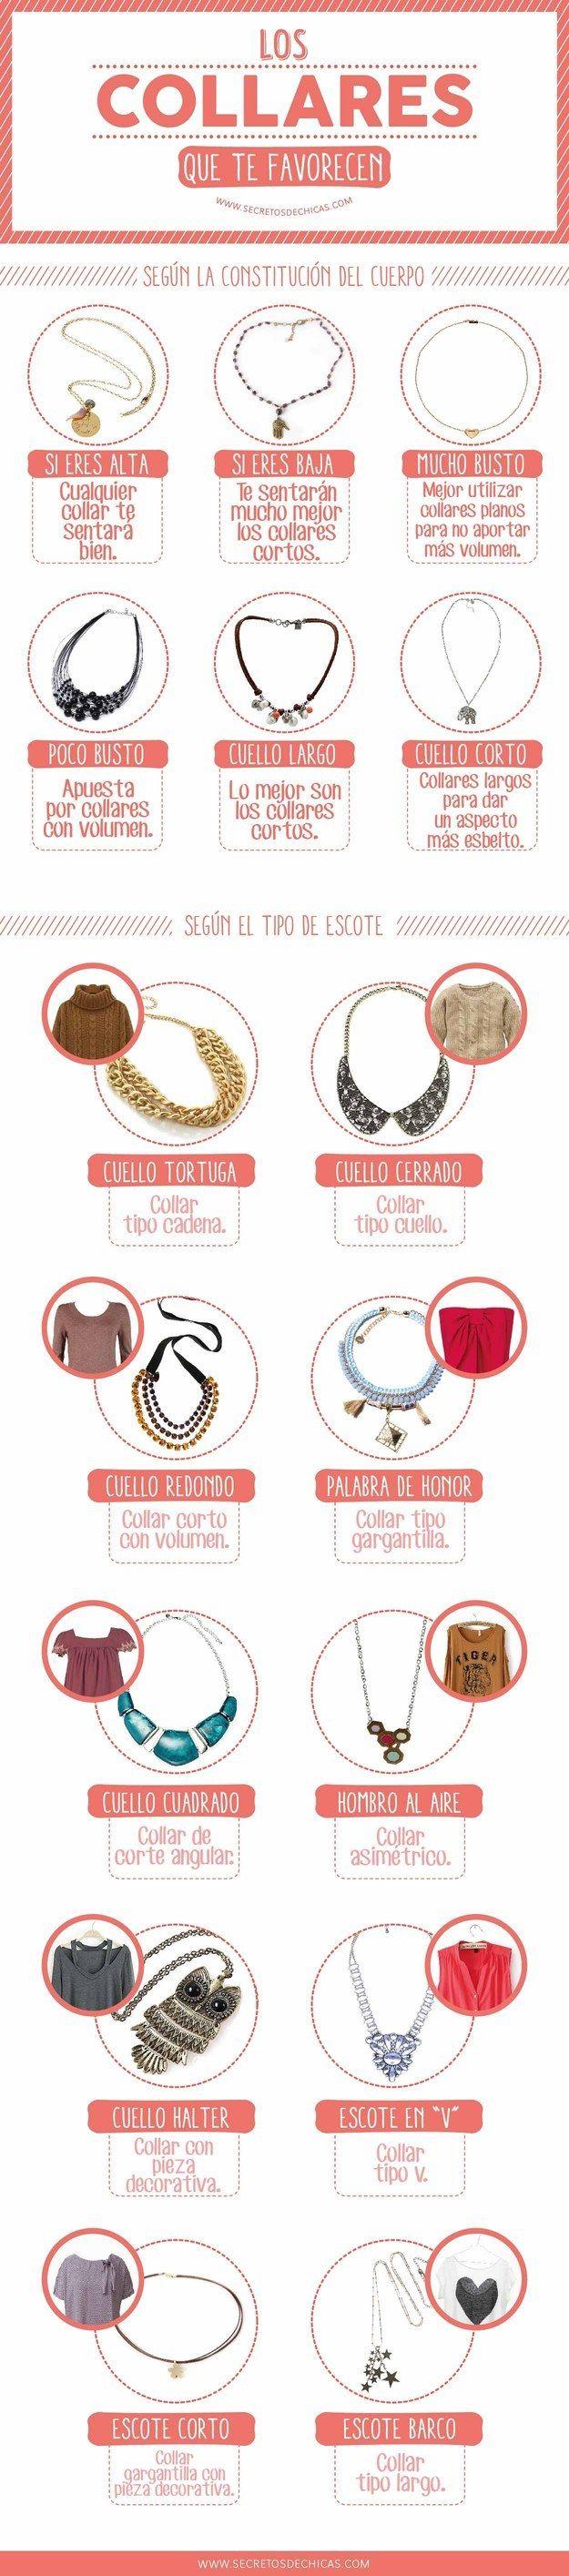 Si te gustan los collares, amarás esta infografía. | 18 Guías visuales de estilo que toda mujer necesita en su vida